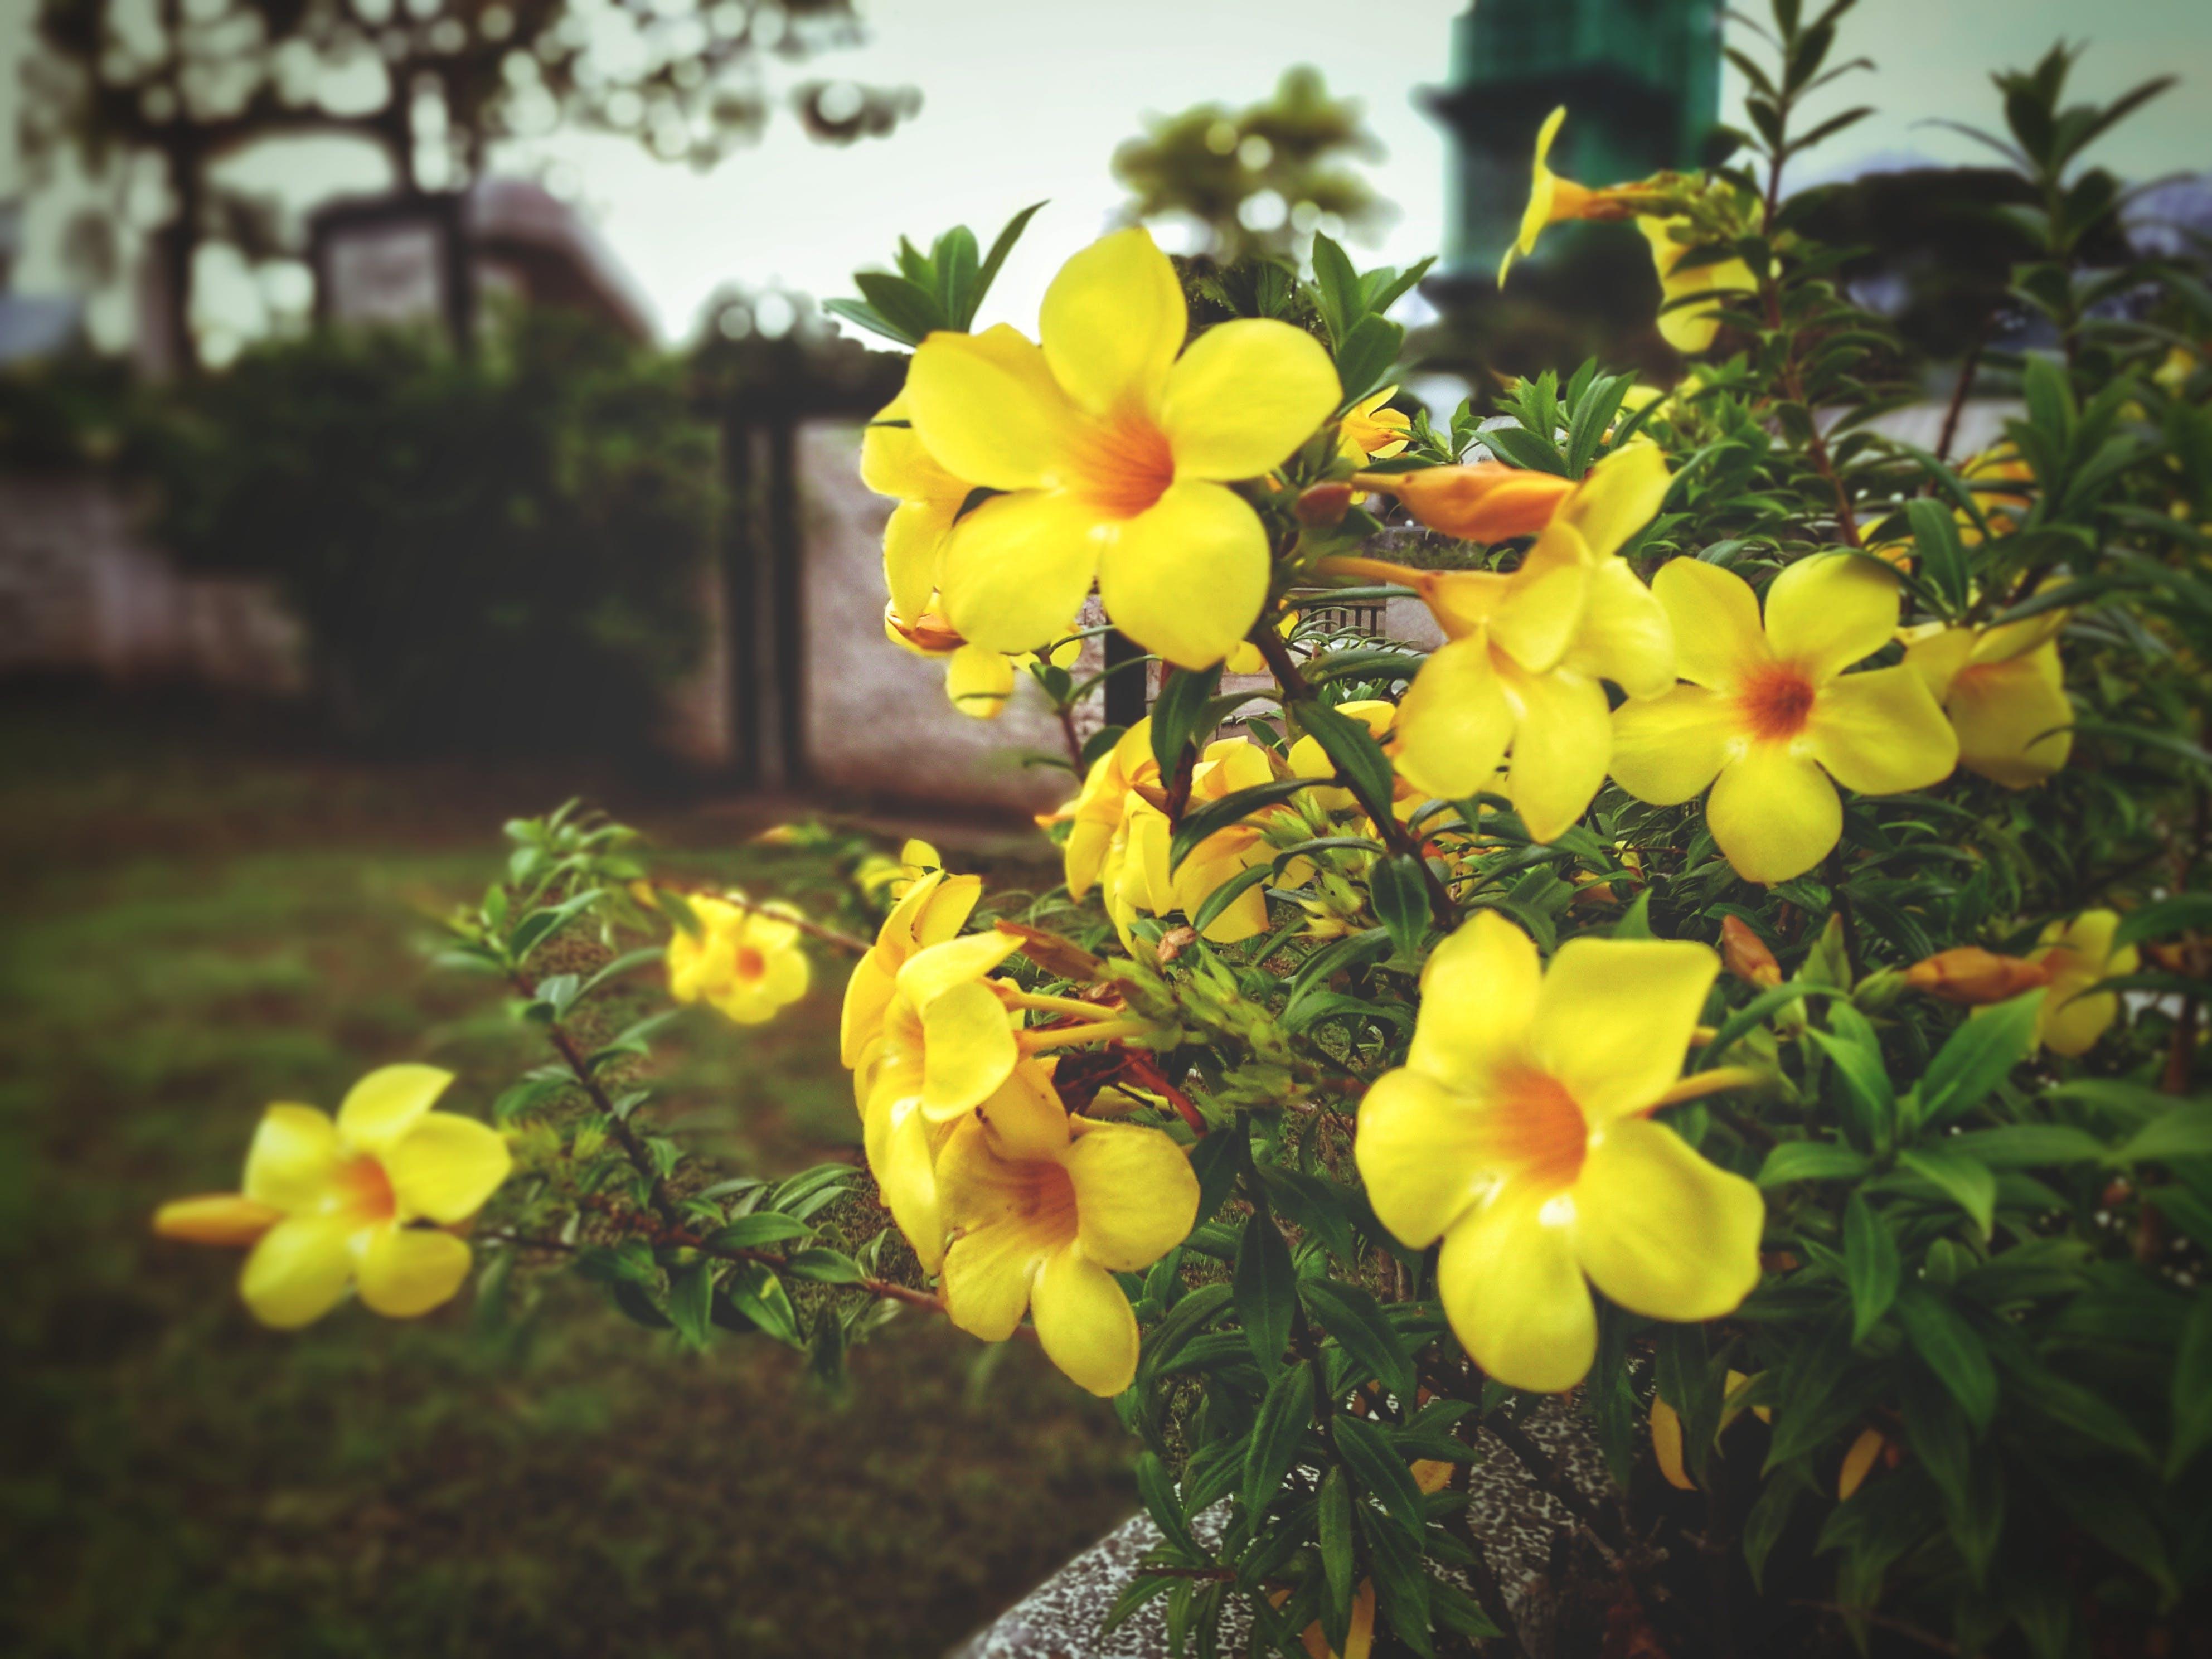 Δωρεάν στοκ φωτογραφιών με ανθόκηπος, κήπος, κίτρινα άνθη, κίτρινη